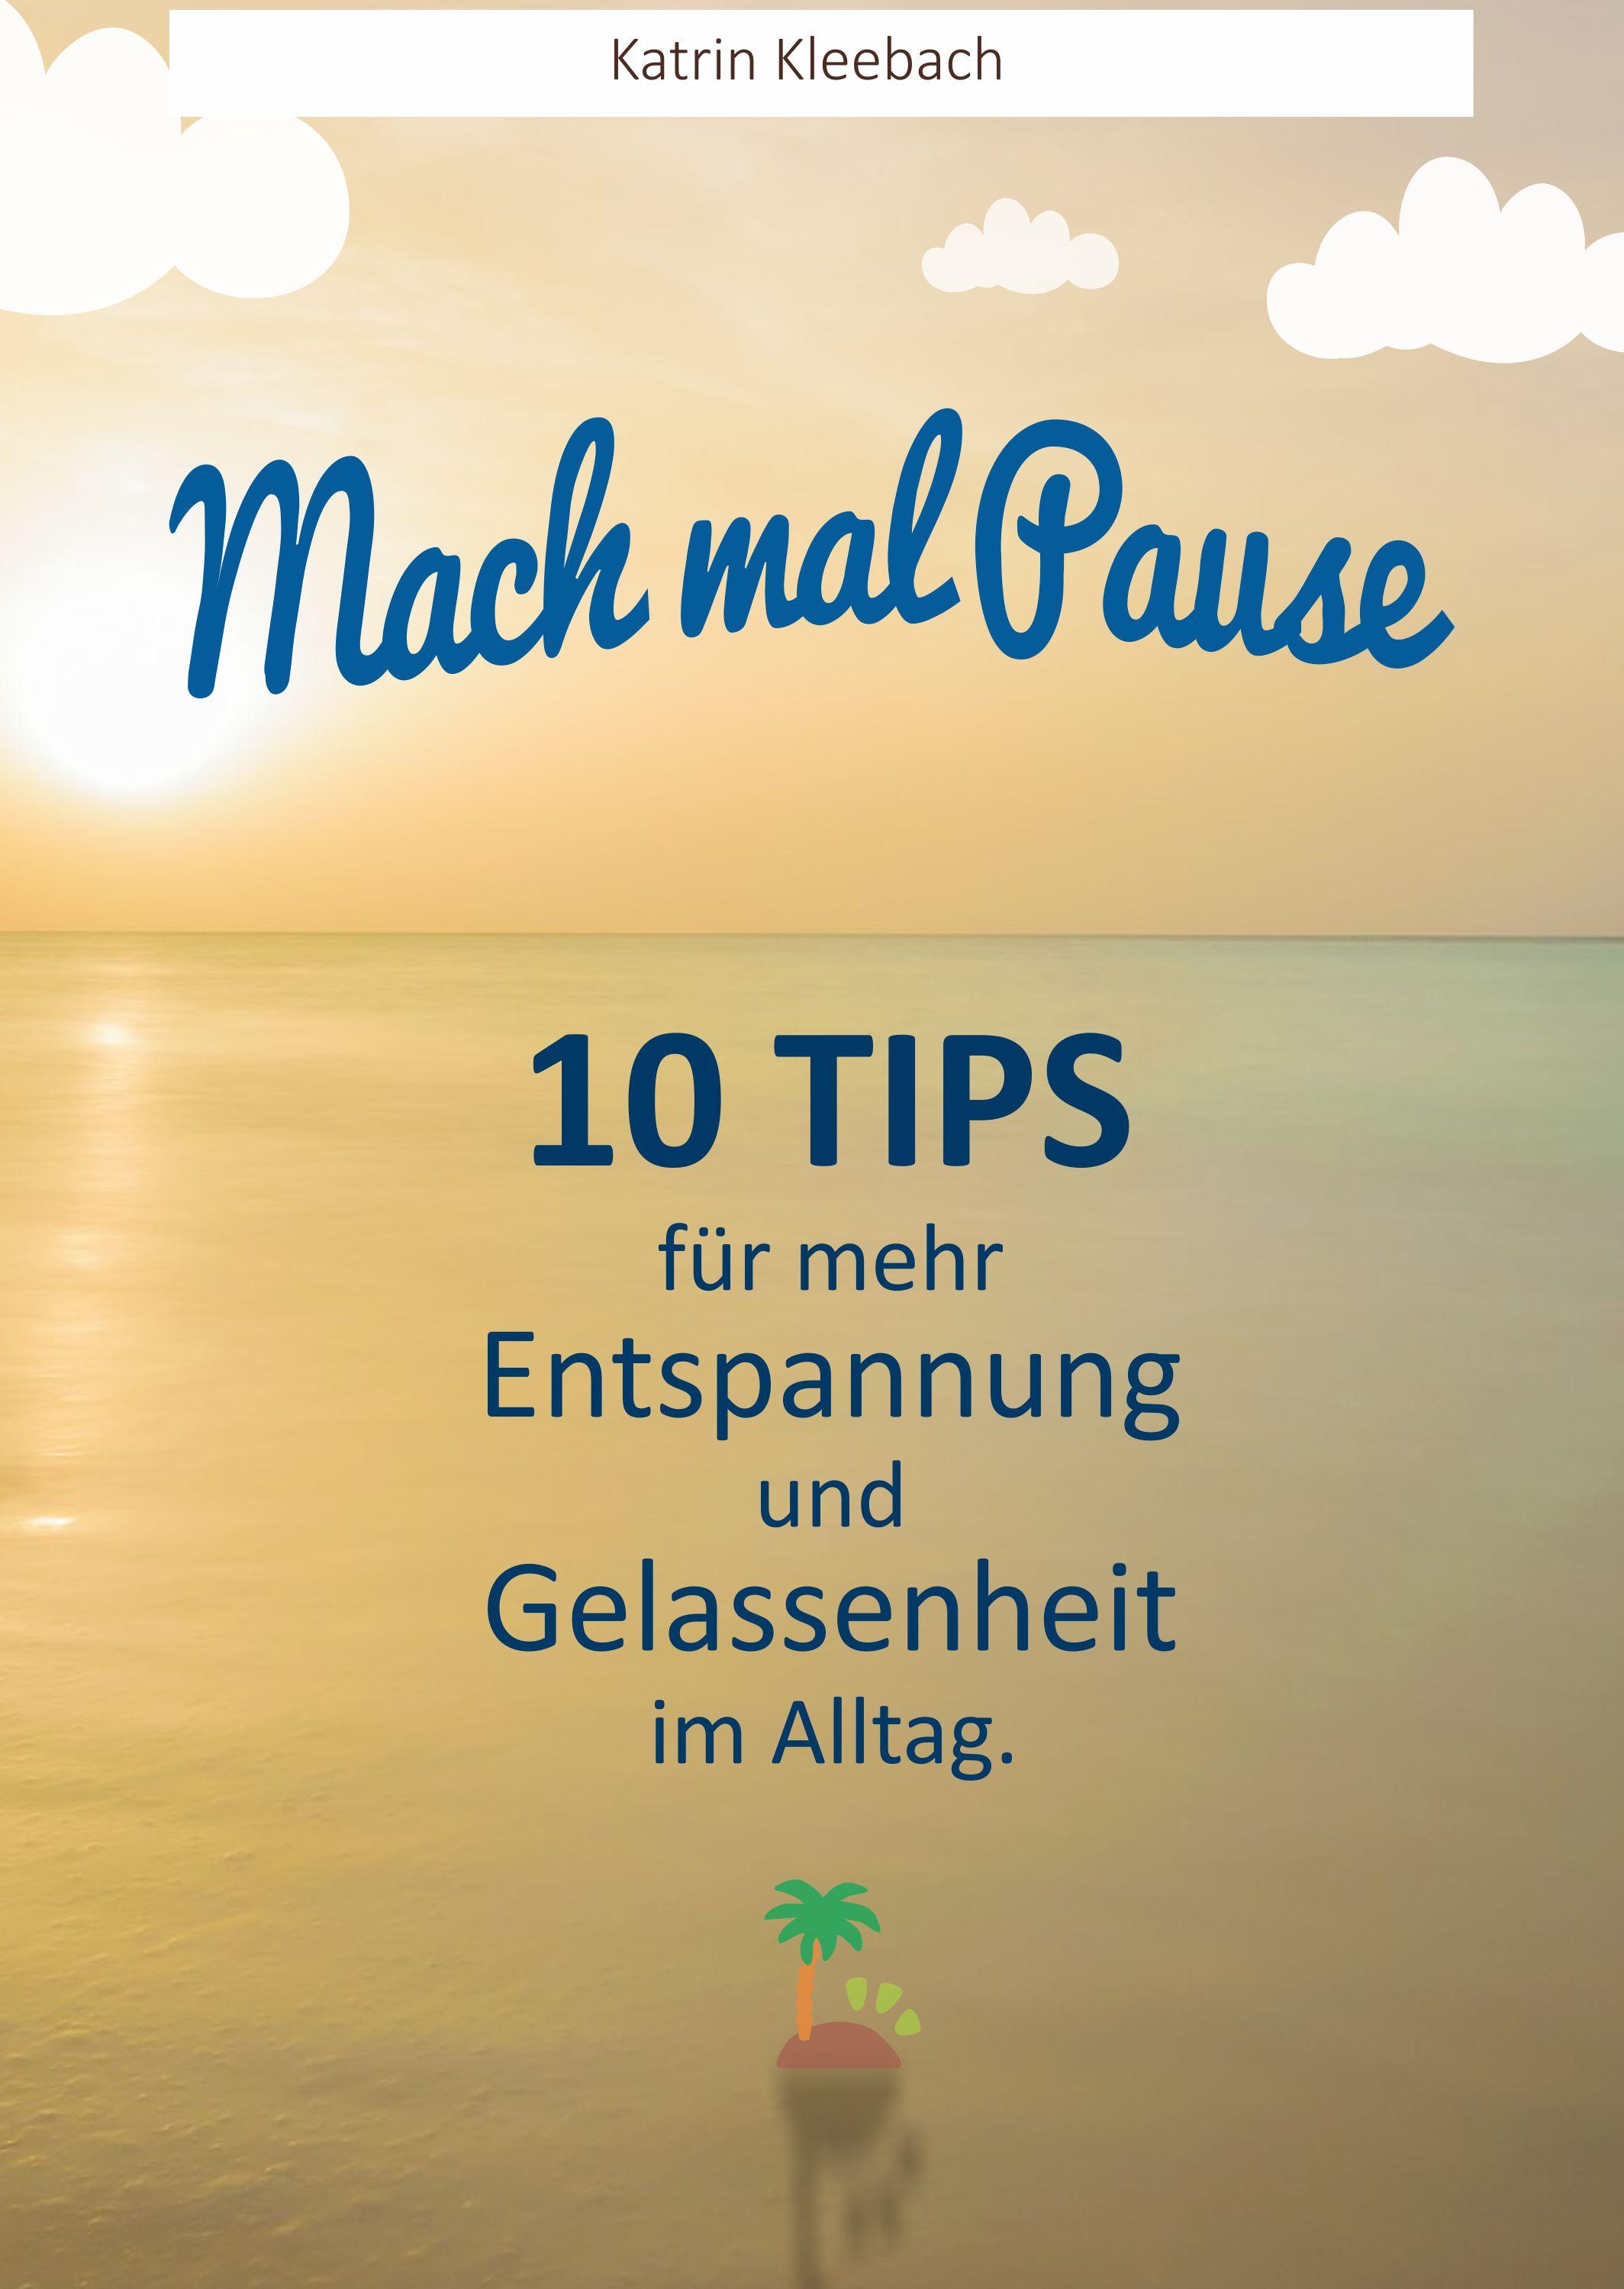 10 Tipps für mehr Entspannung und Gelassenheit im Alltag(1)